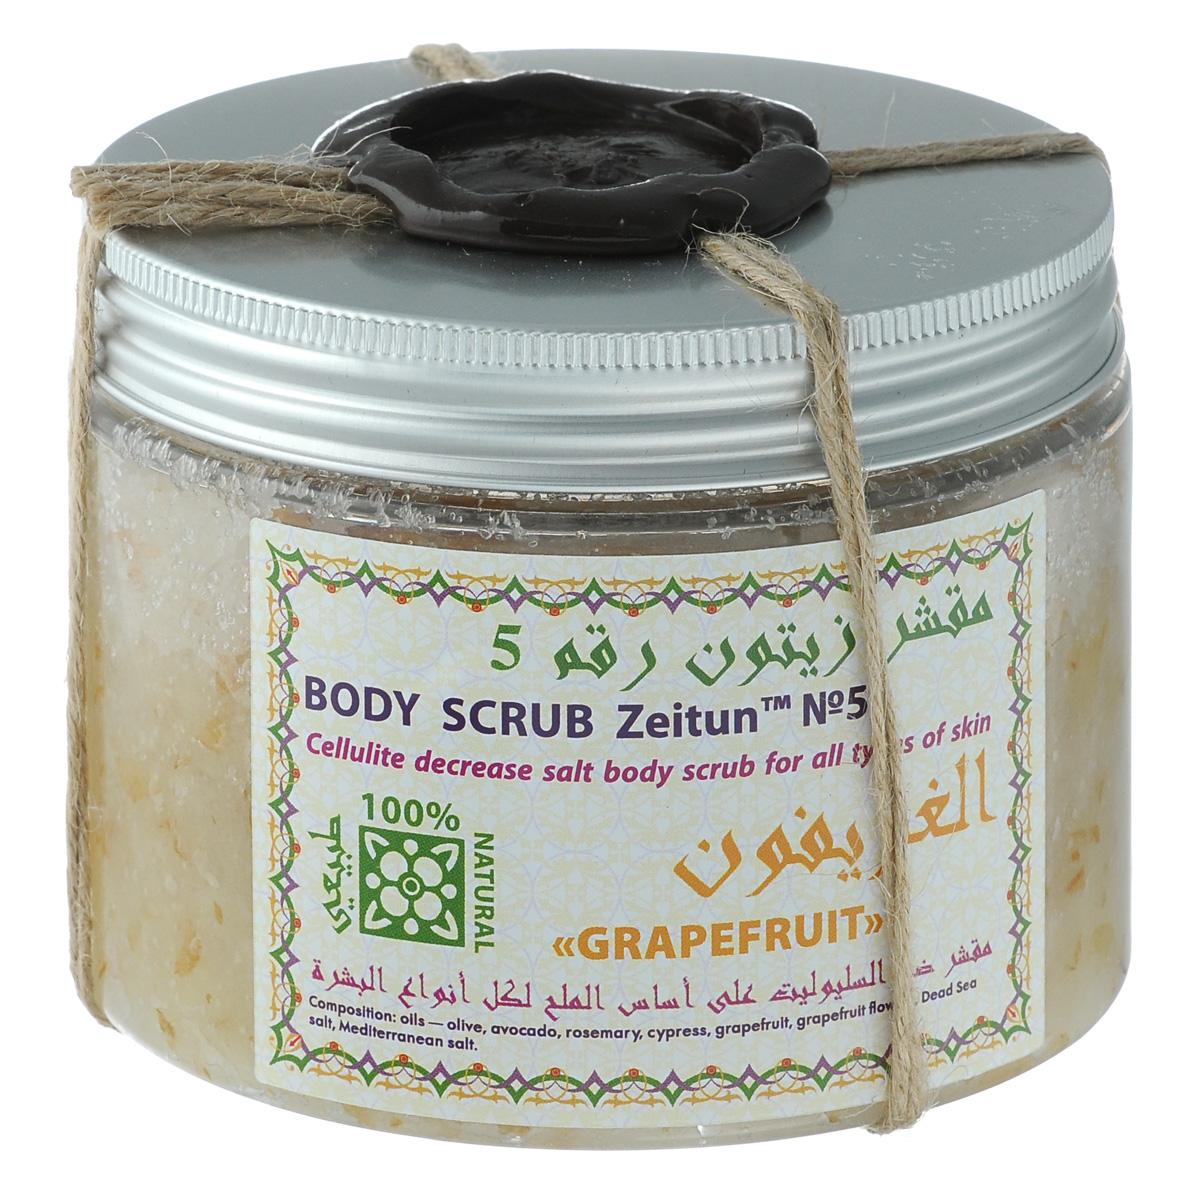 Зейтун Скраб для тела №5 солевой Грейпфрут, 500 млFS-00897Натуральные абразивные частицы (соль) отшелушивают отмершие клетки кожи, раскрывают, очищают поры, подготавливая кожу к воздействию смеси антицеллюлитных масел в составе и, за счет микромассажа, усиливают их действия. Этот антицелюллитный скраб хорошо увлажняет и тонизирует кожу. Для достижения максимального эффекта рекомендуется использовать в комплексе с антицеллюлитным обёртыванием Зейтун — подготавливаете кожу скрабом, после этого наносите обертывание.